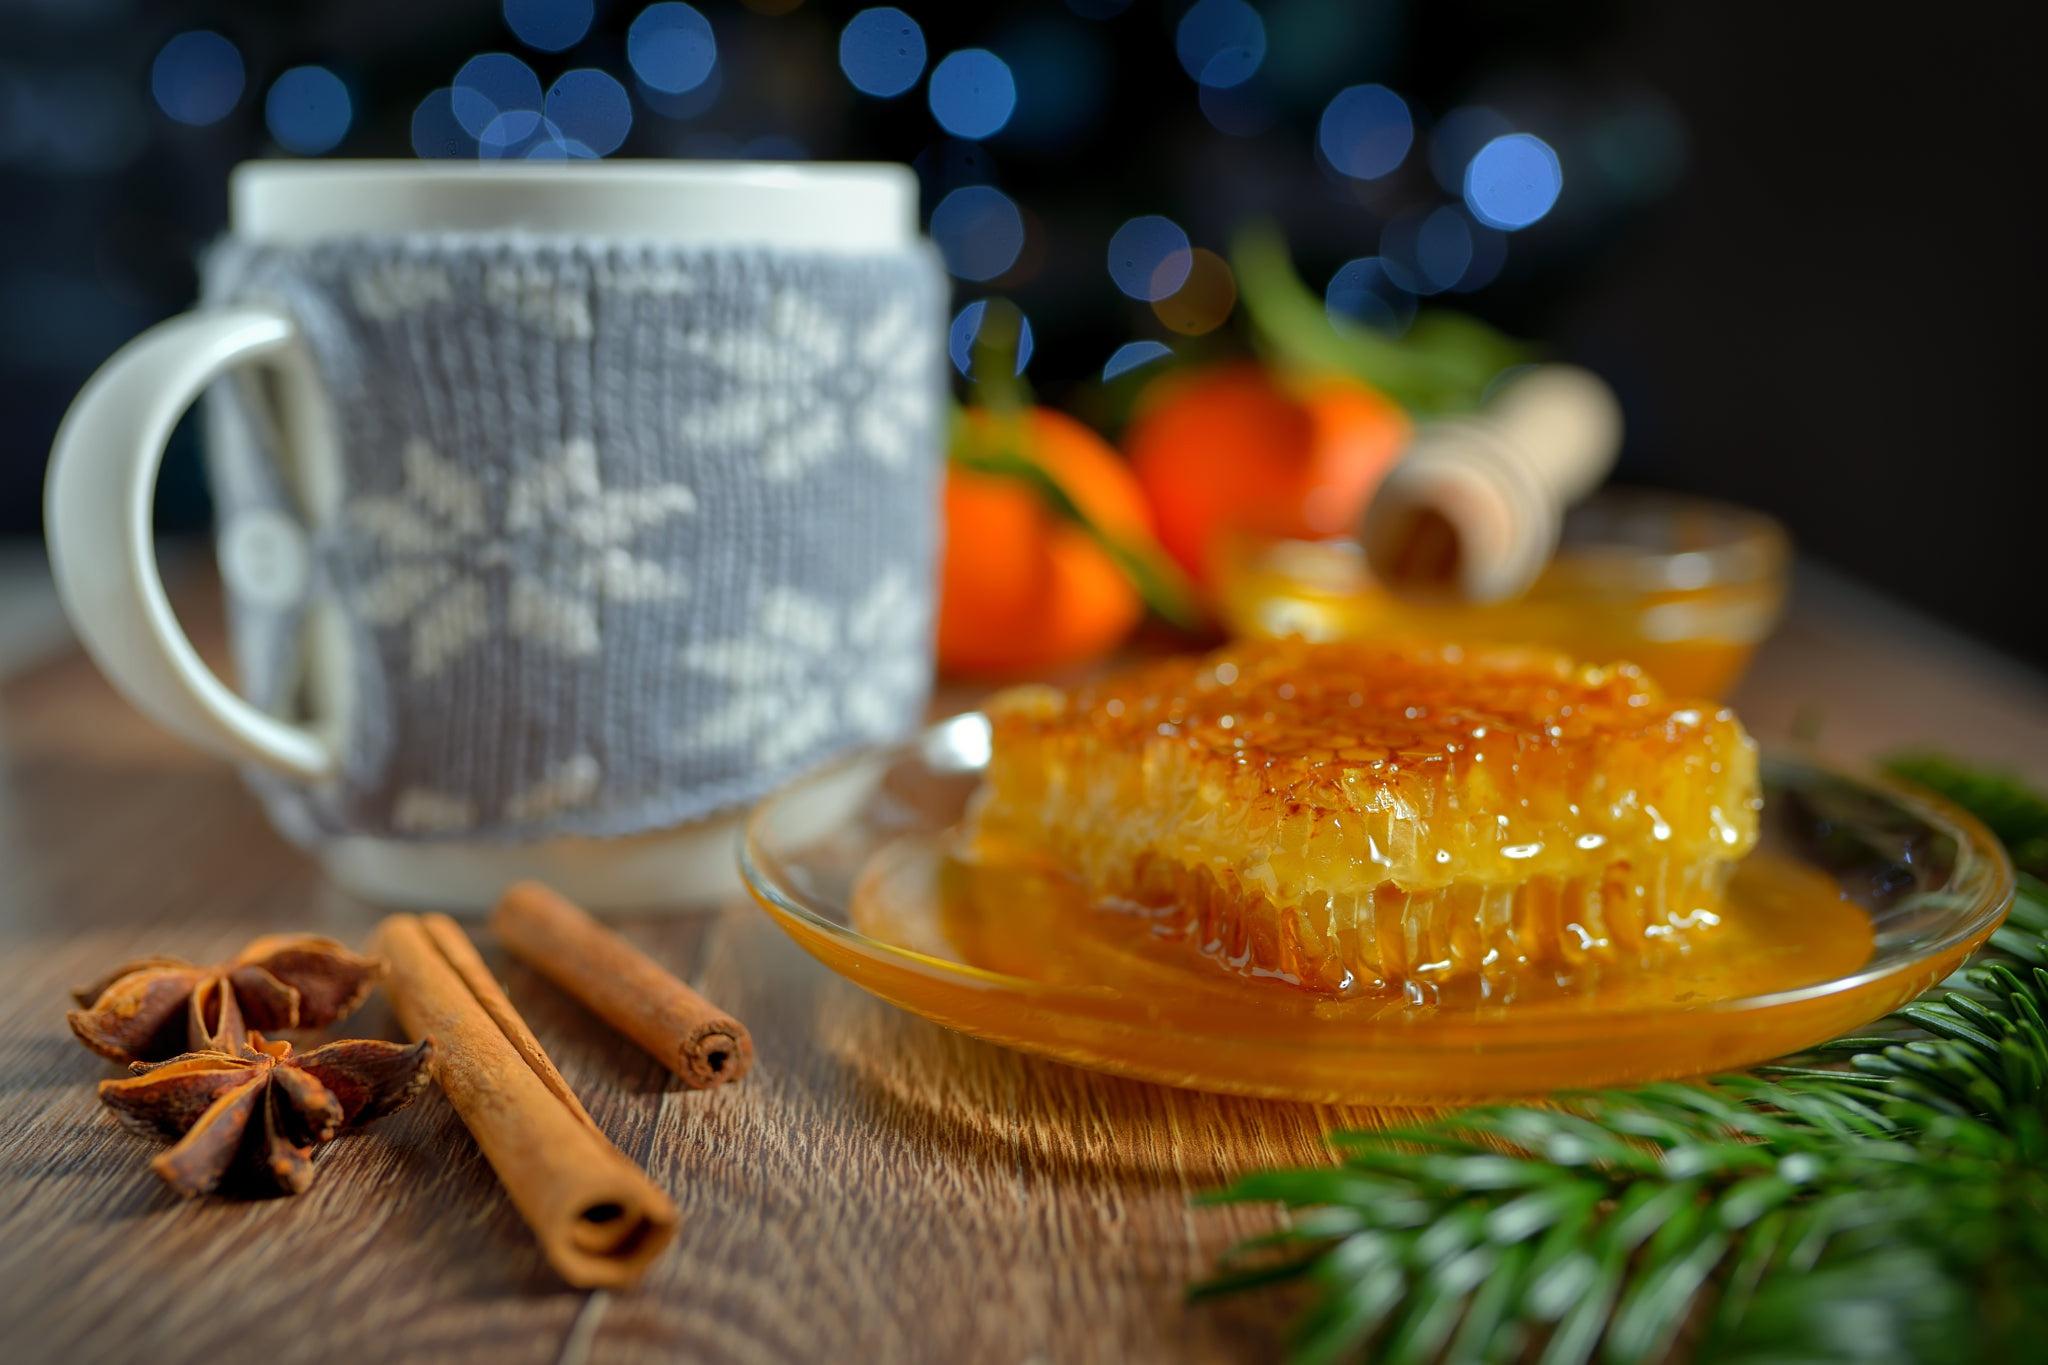 картинка кружка чая и мед можно дарить